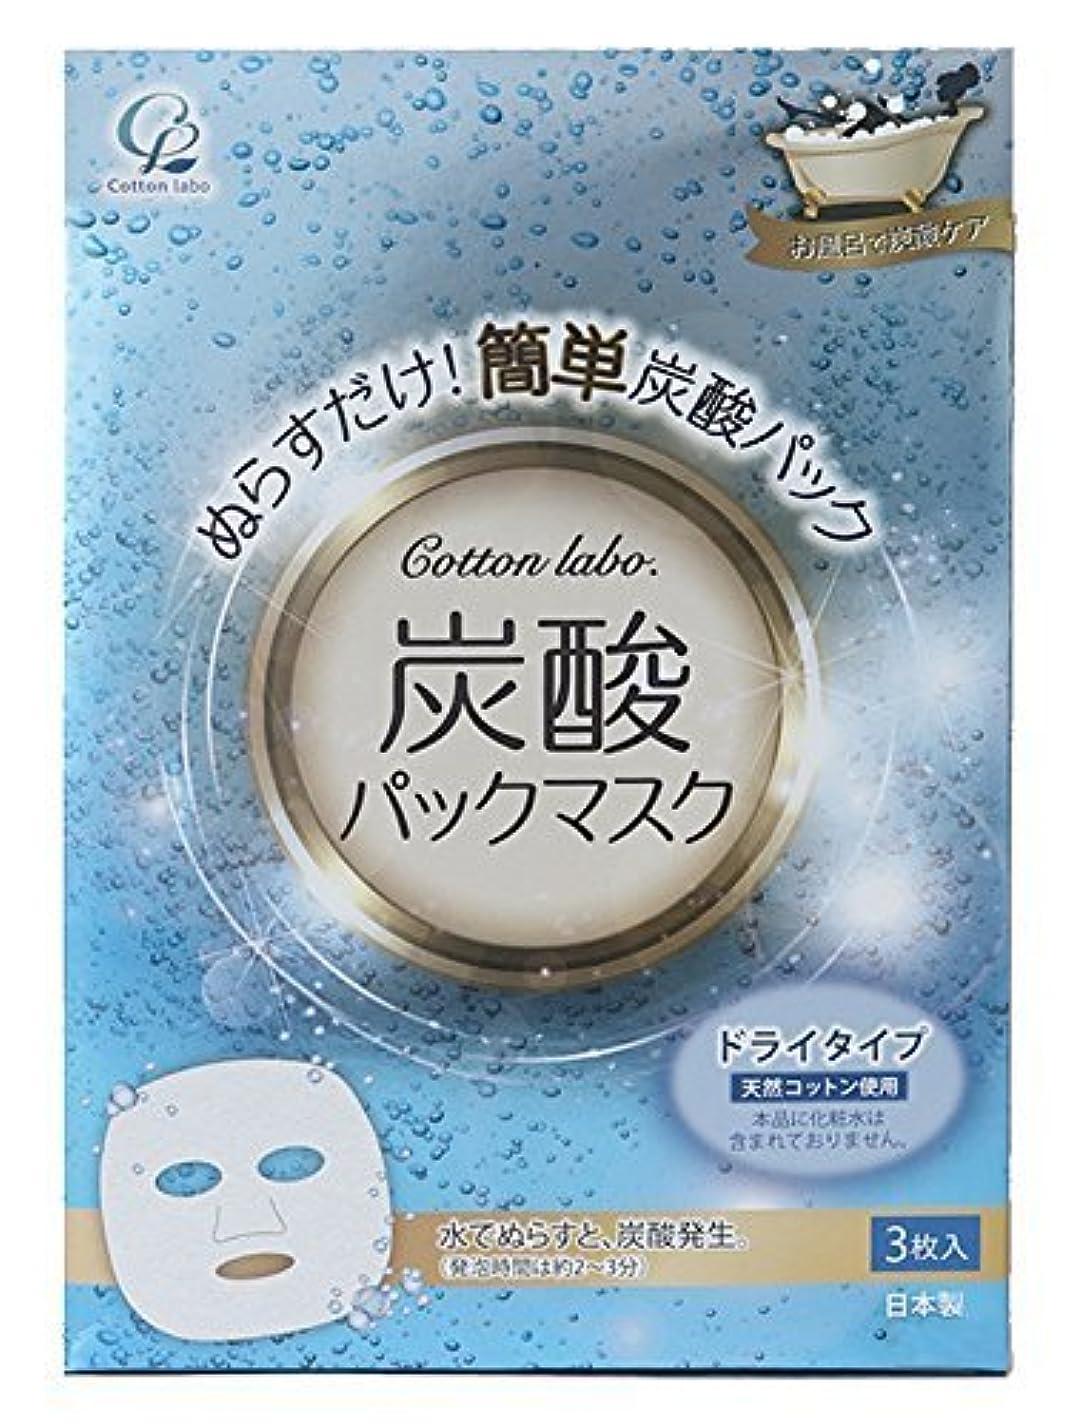 委任する意欲初期の皮膚を清浄にし 肌にはりと潤いを与える お風呂で炭酸ケア 天然コットン 炭酸パックマスク 3枚 80入り(240枚)